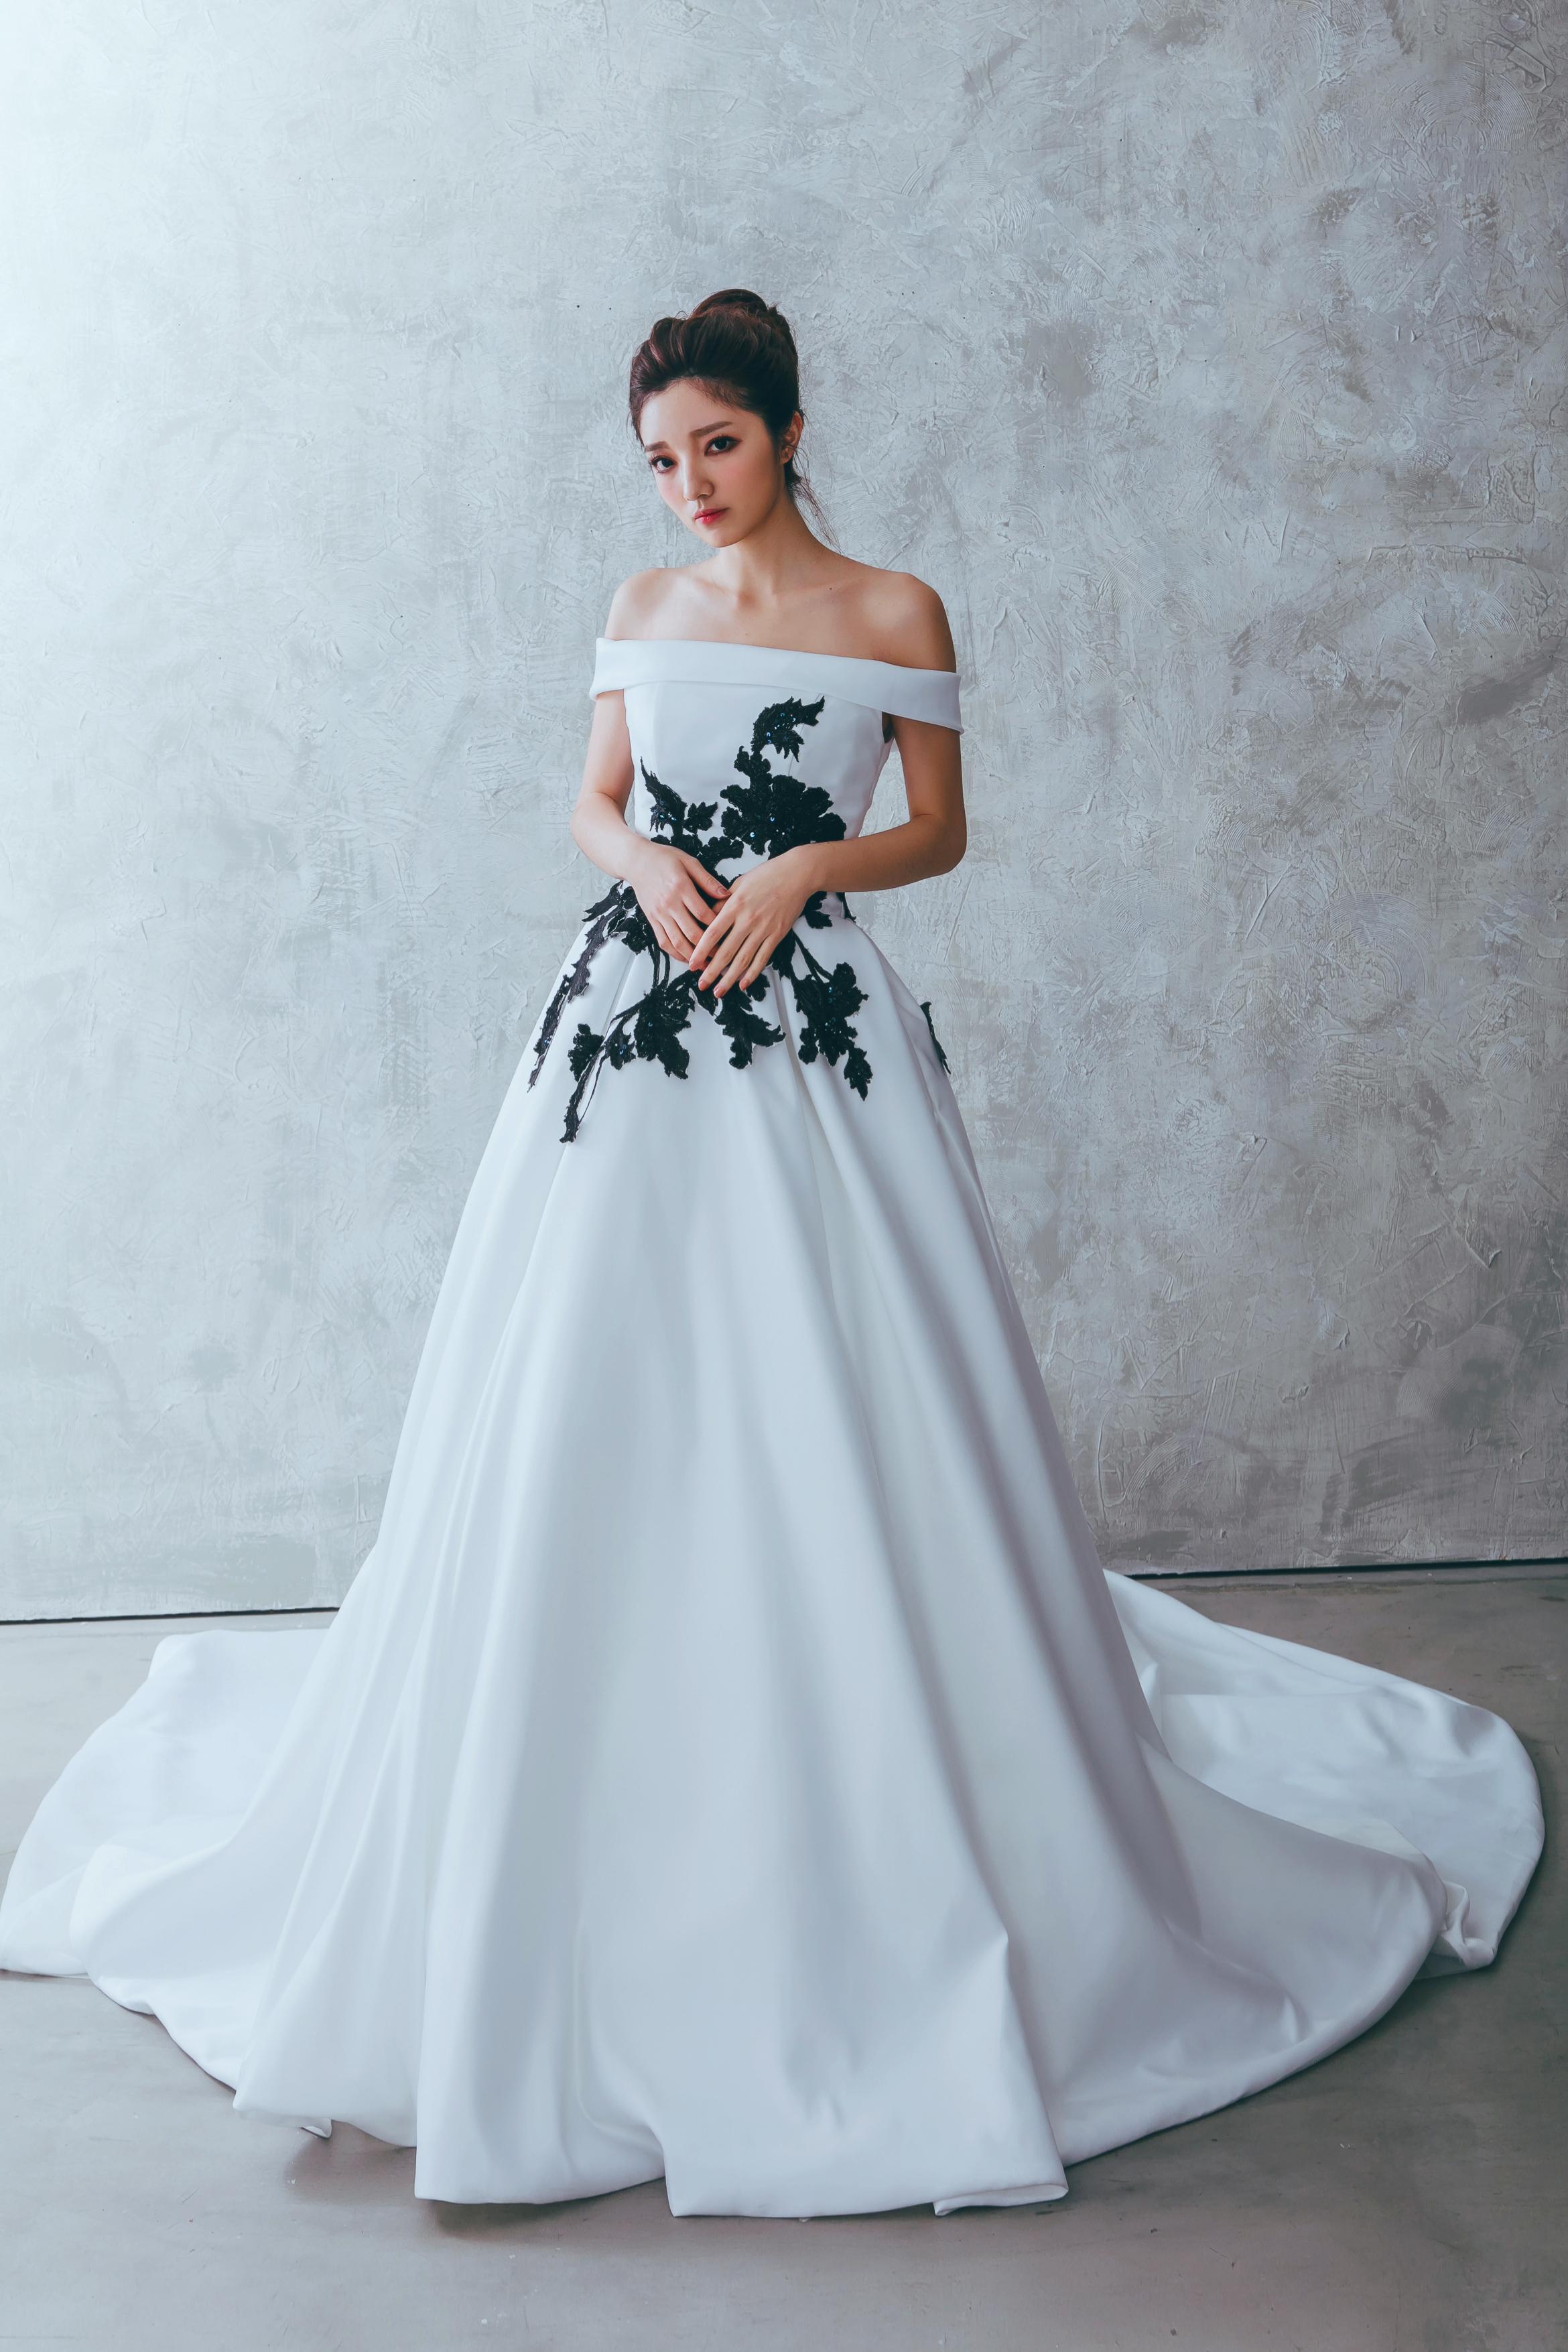 自助婚紗, 婚紗攝影, 租婚紗, 禮服, 台北婚紗